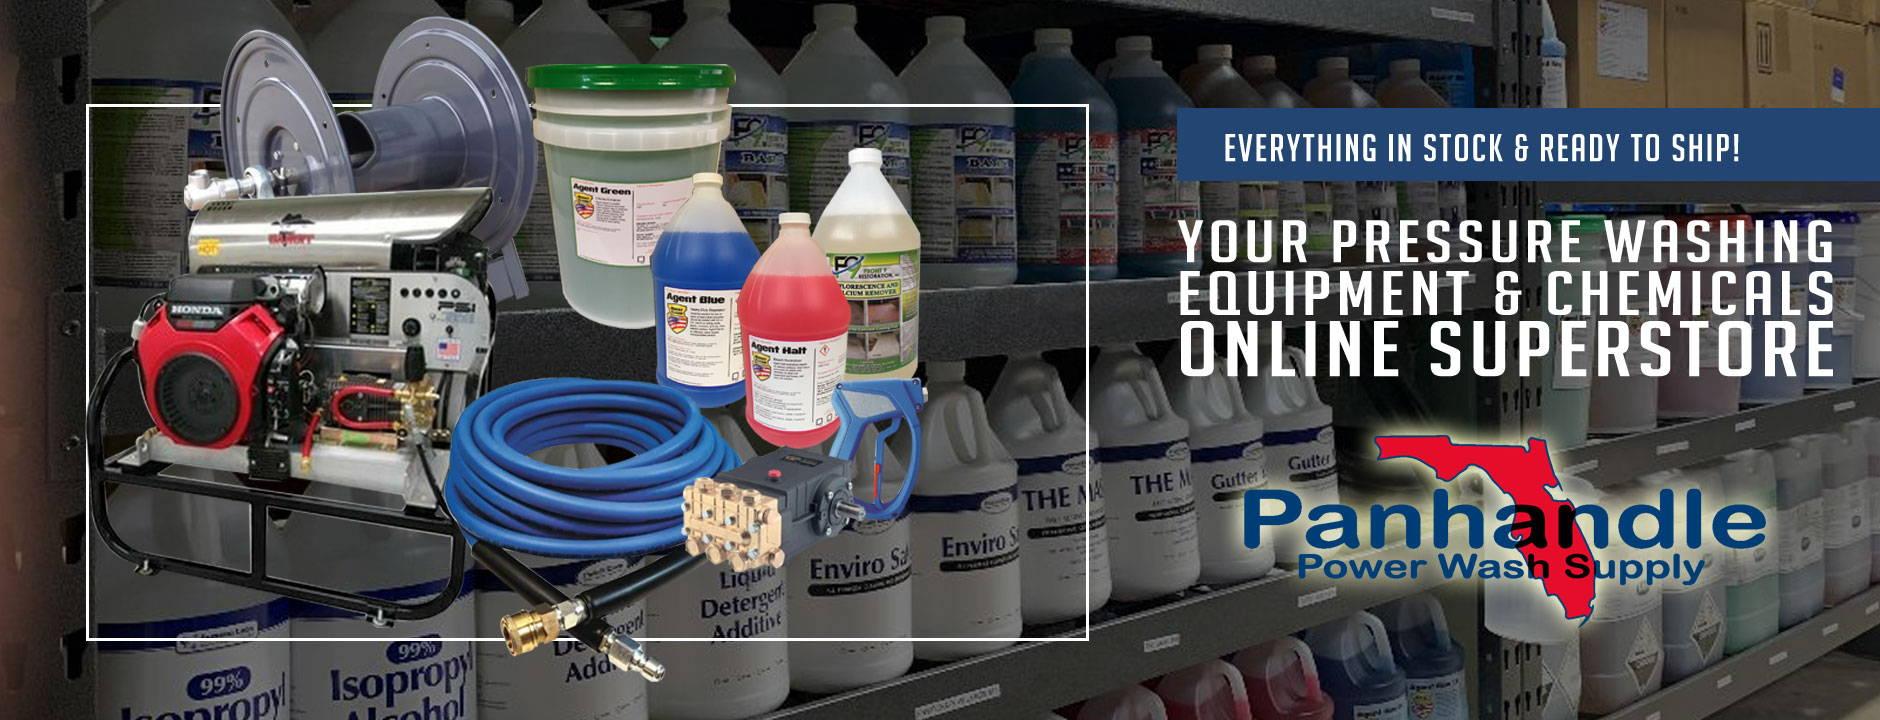 Powerwashing Equipment and Supply Super Store